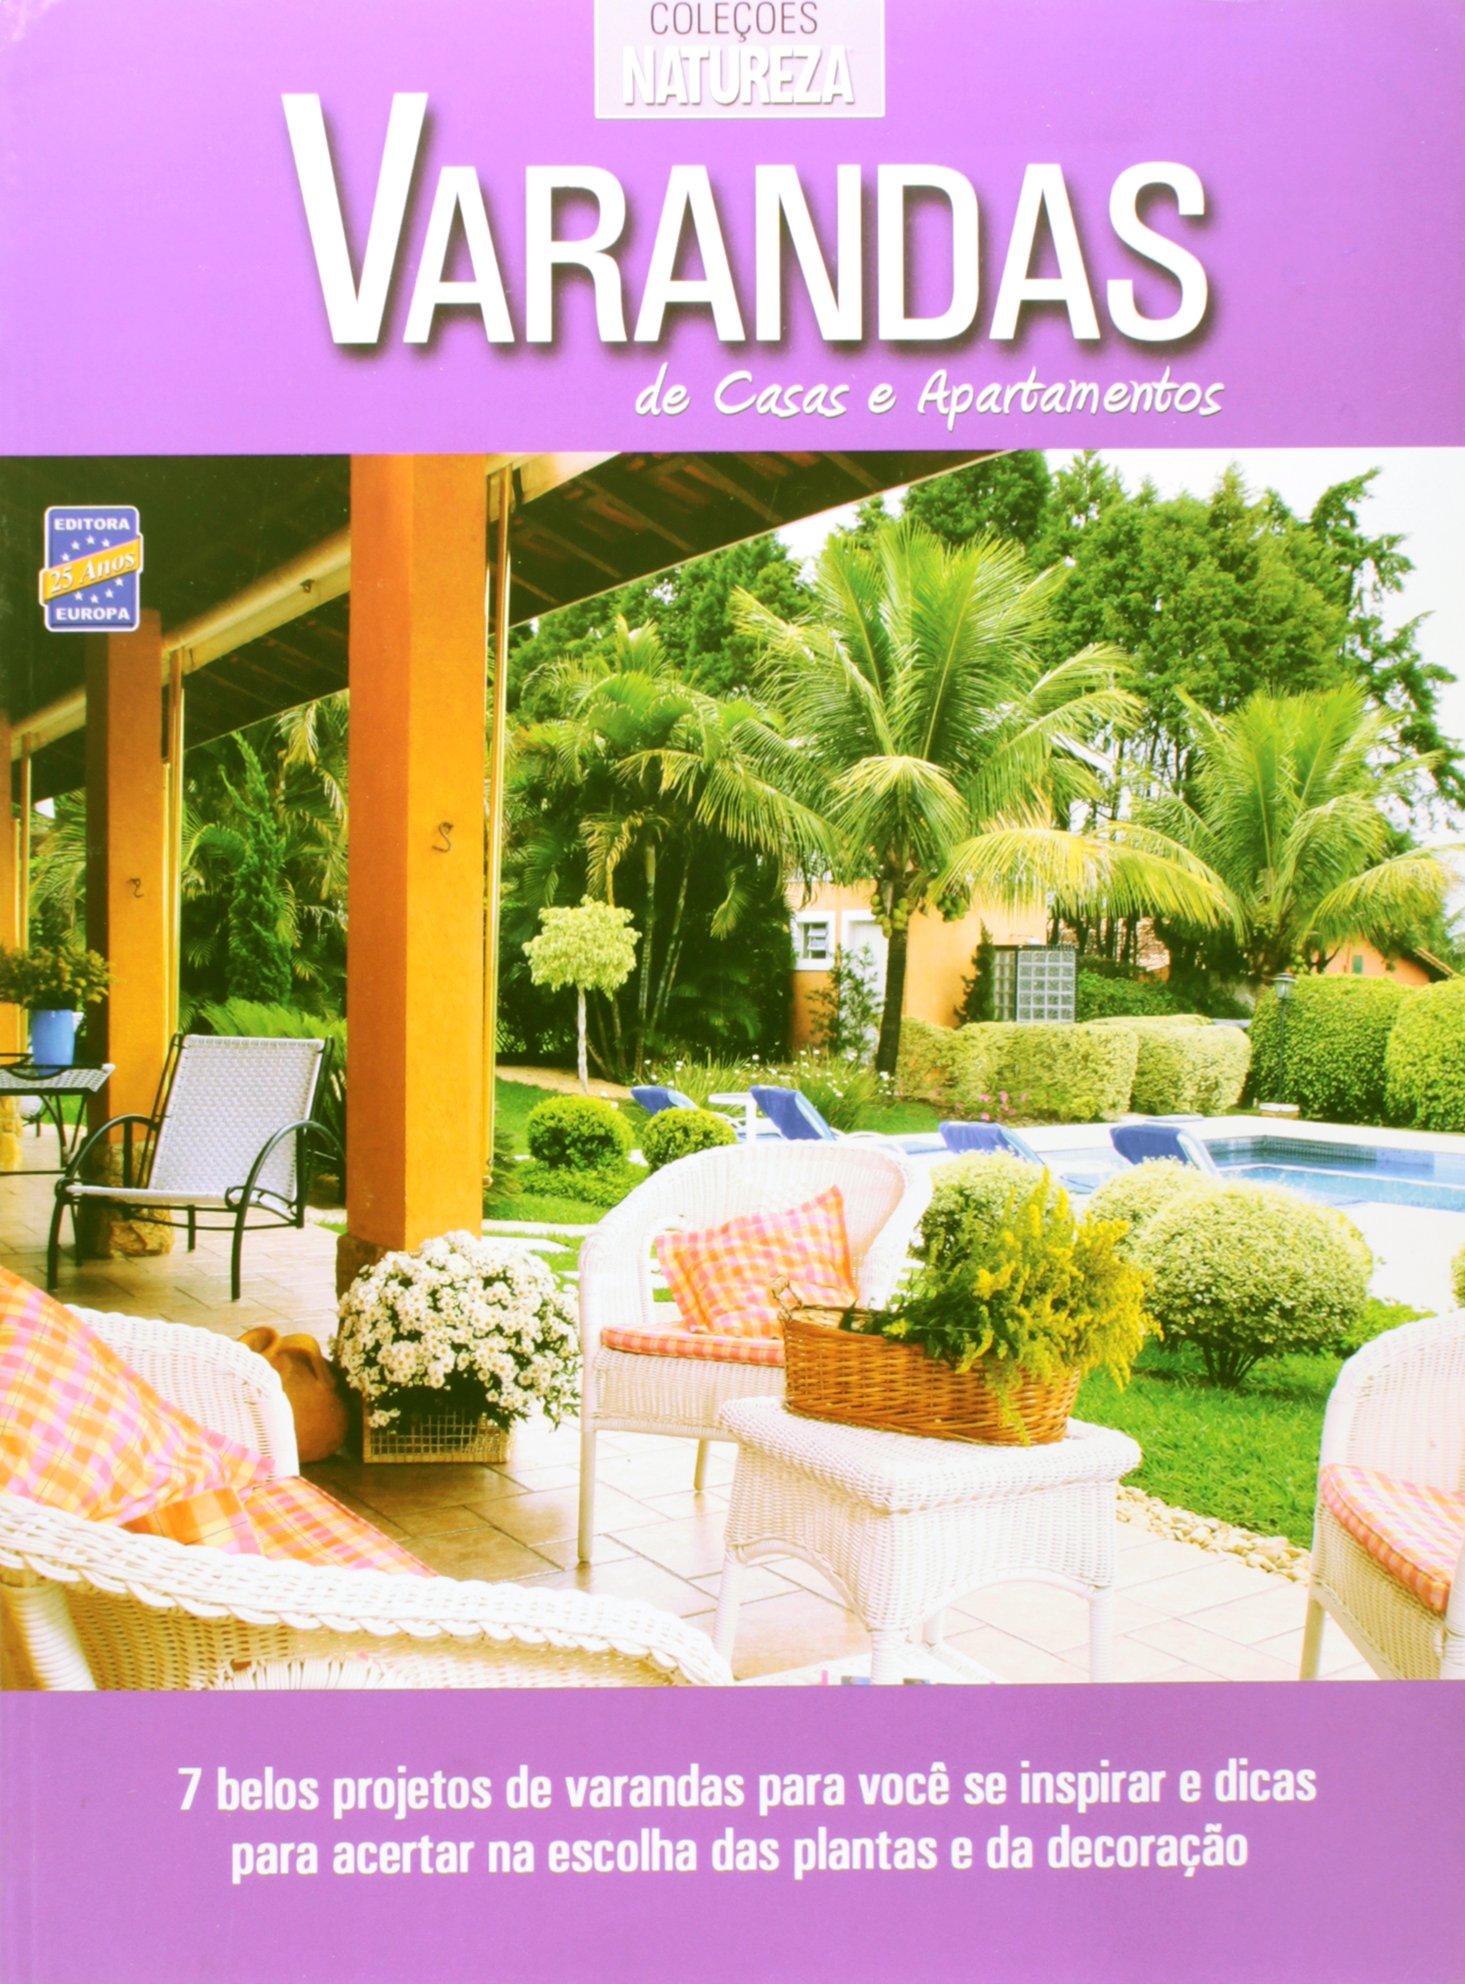 Varandas. De Casas e Apartamentos - Coleção Natureza ebook